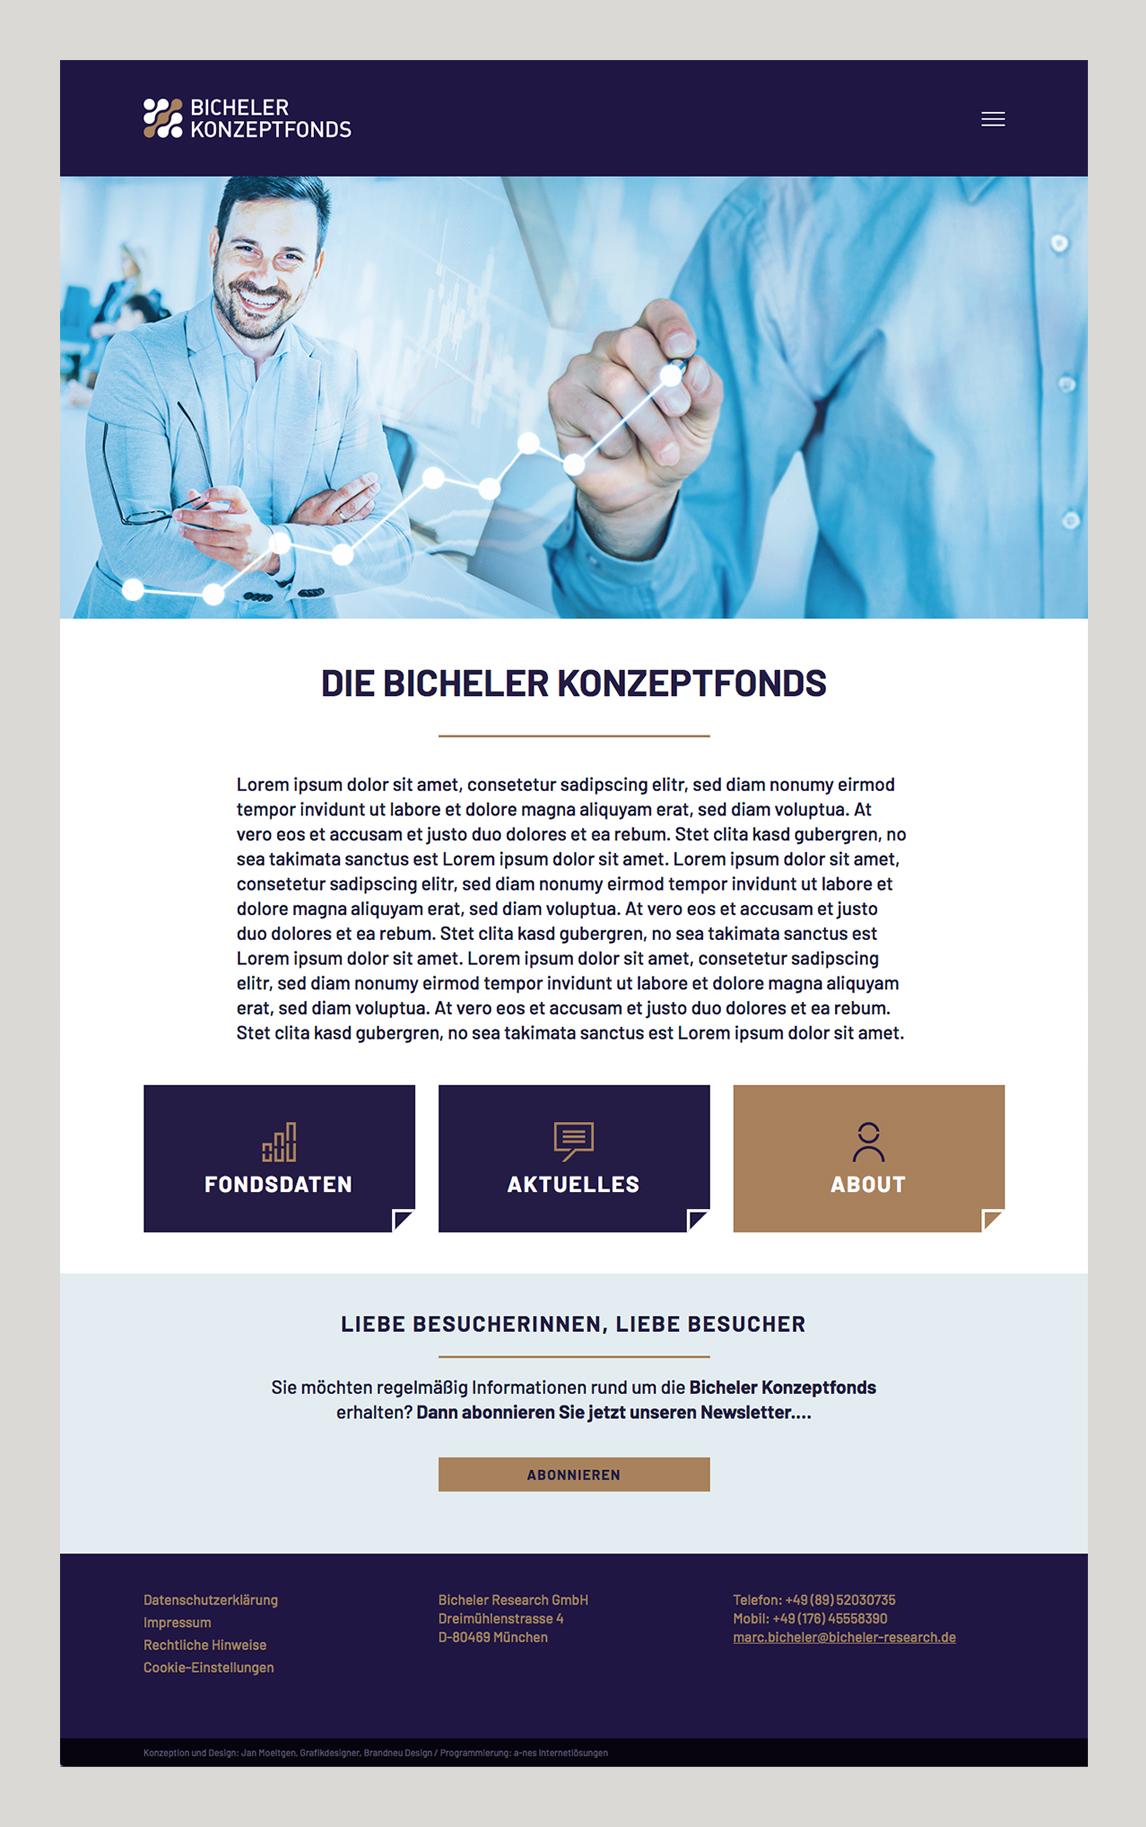 webdesign_muenchen_bicheler_startseite-2.jpg